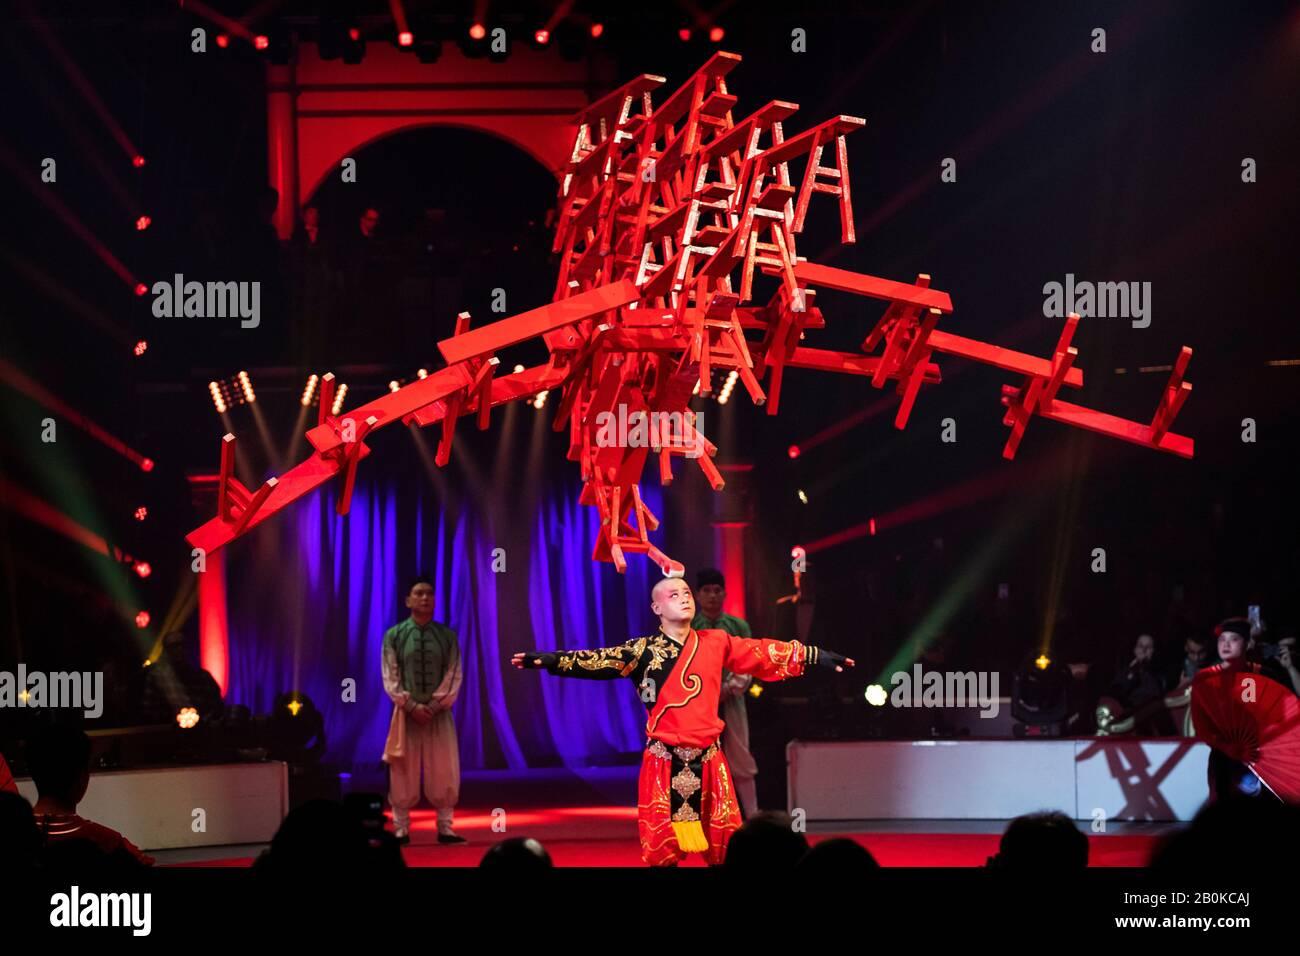 Gérone, ESPAGNE - 18 FÉVRIER : la Troupe acrobatique Anhui de Chine se produit lors du festival international du cirque Elefant d'Or au Parc de la Devesa, en février Banque D'Images